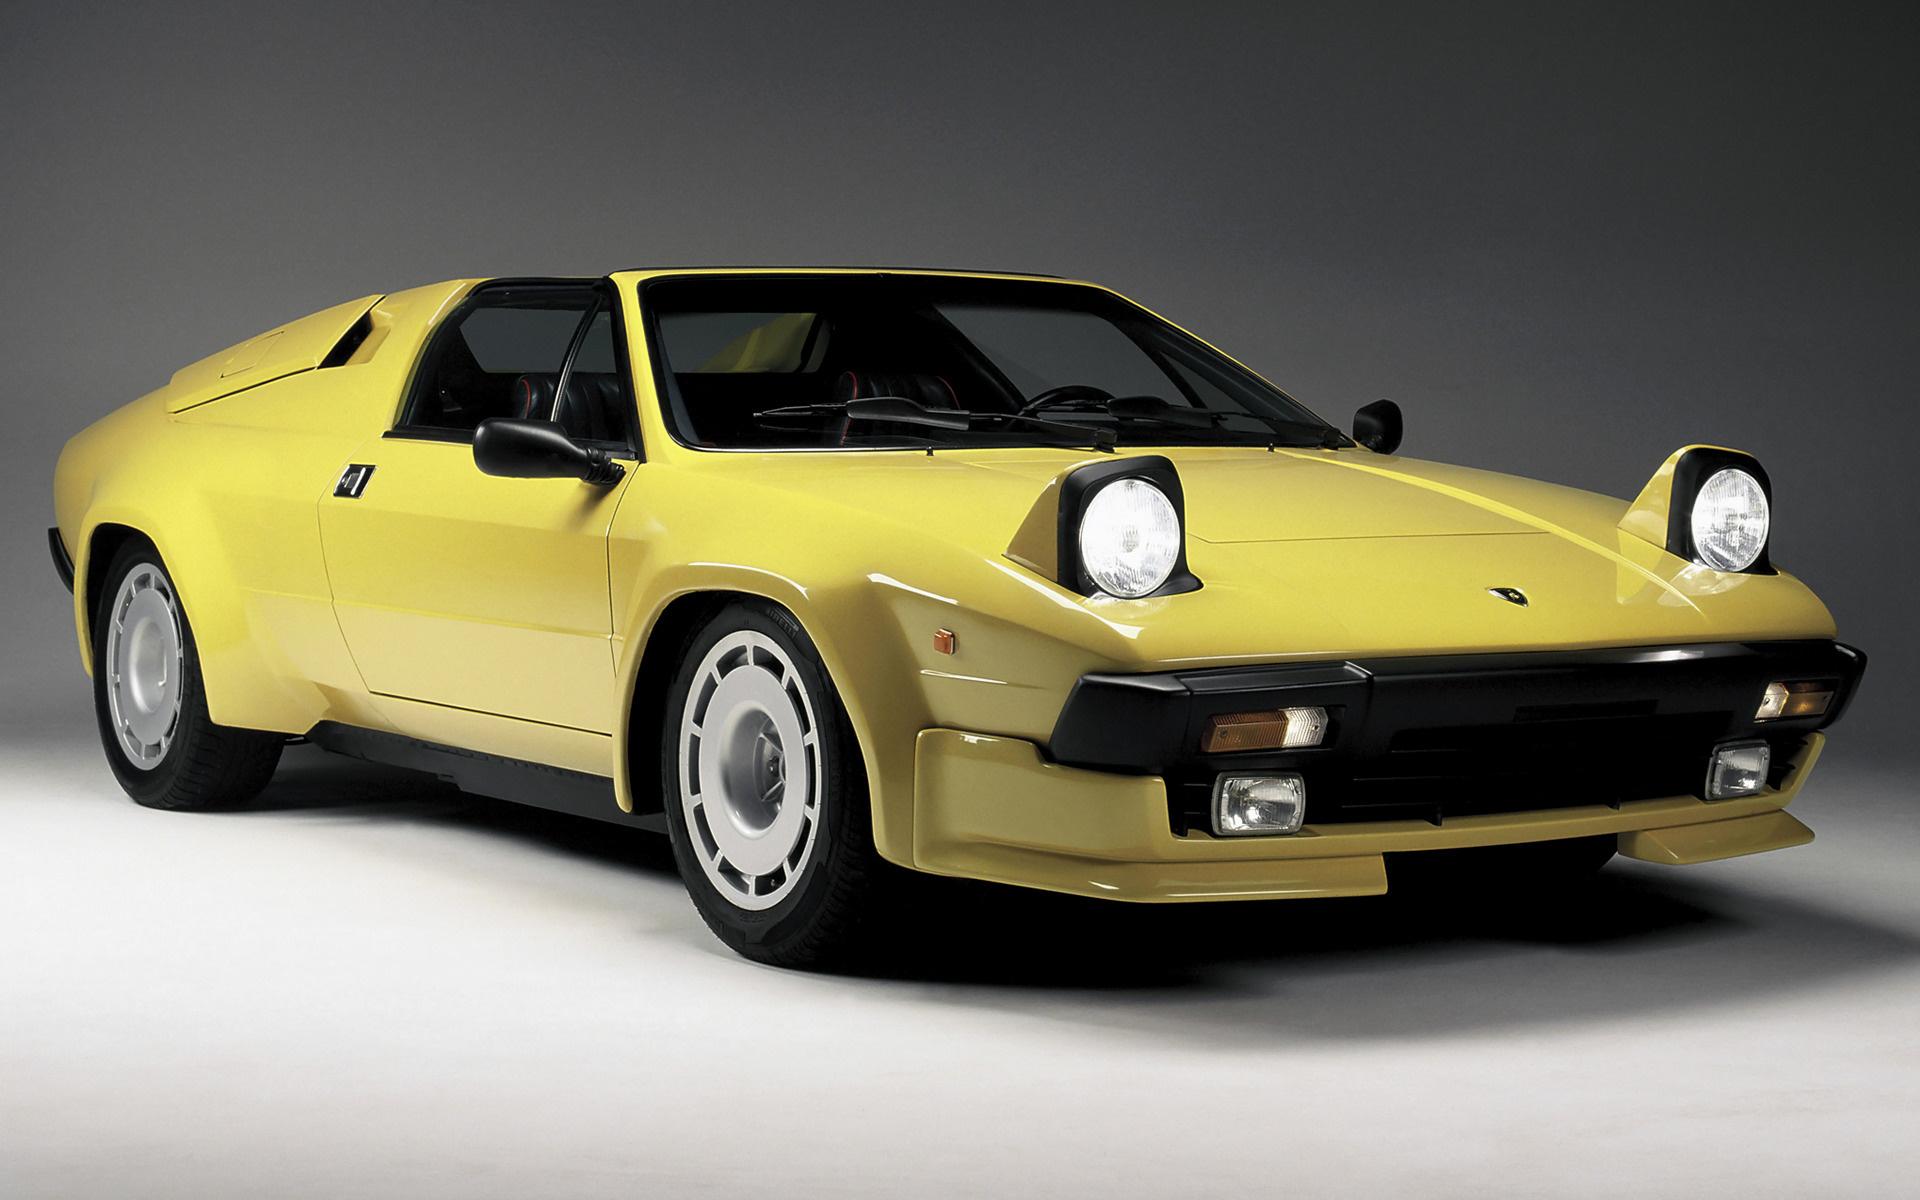 1984 Lamborghini Jalpa - Wallpapers and HD Images | Car Pixel